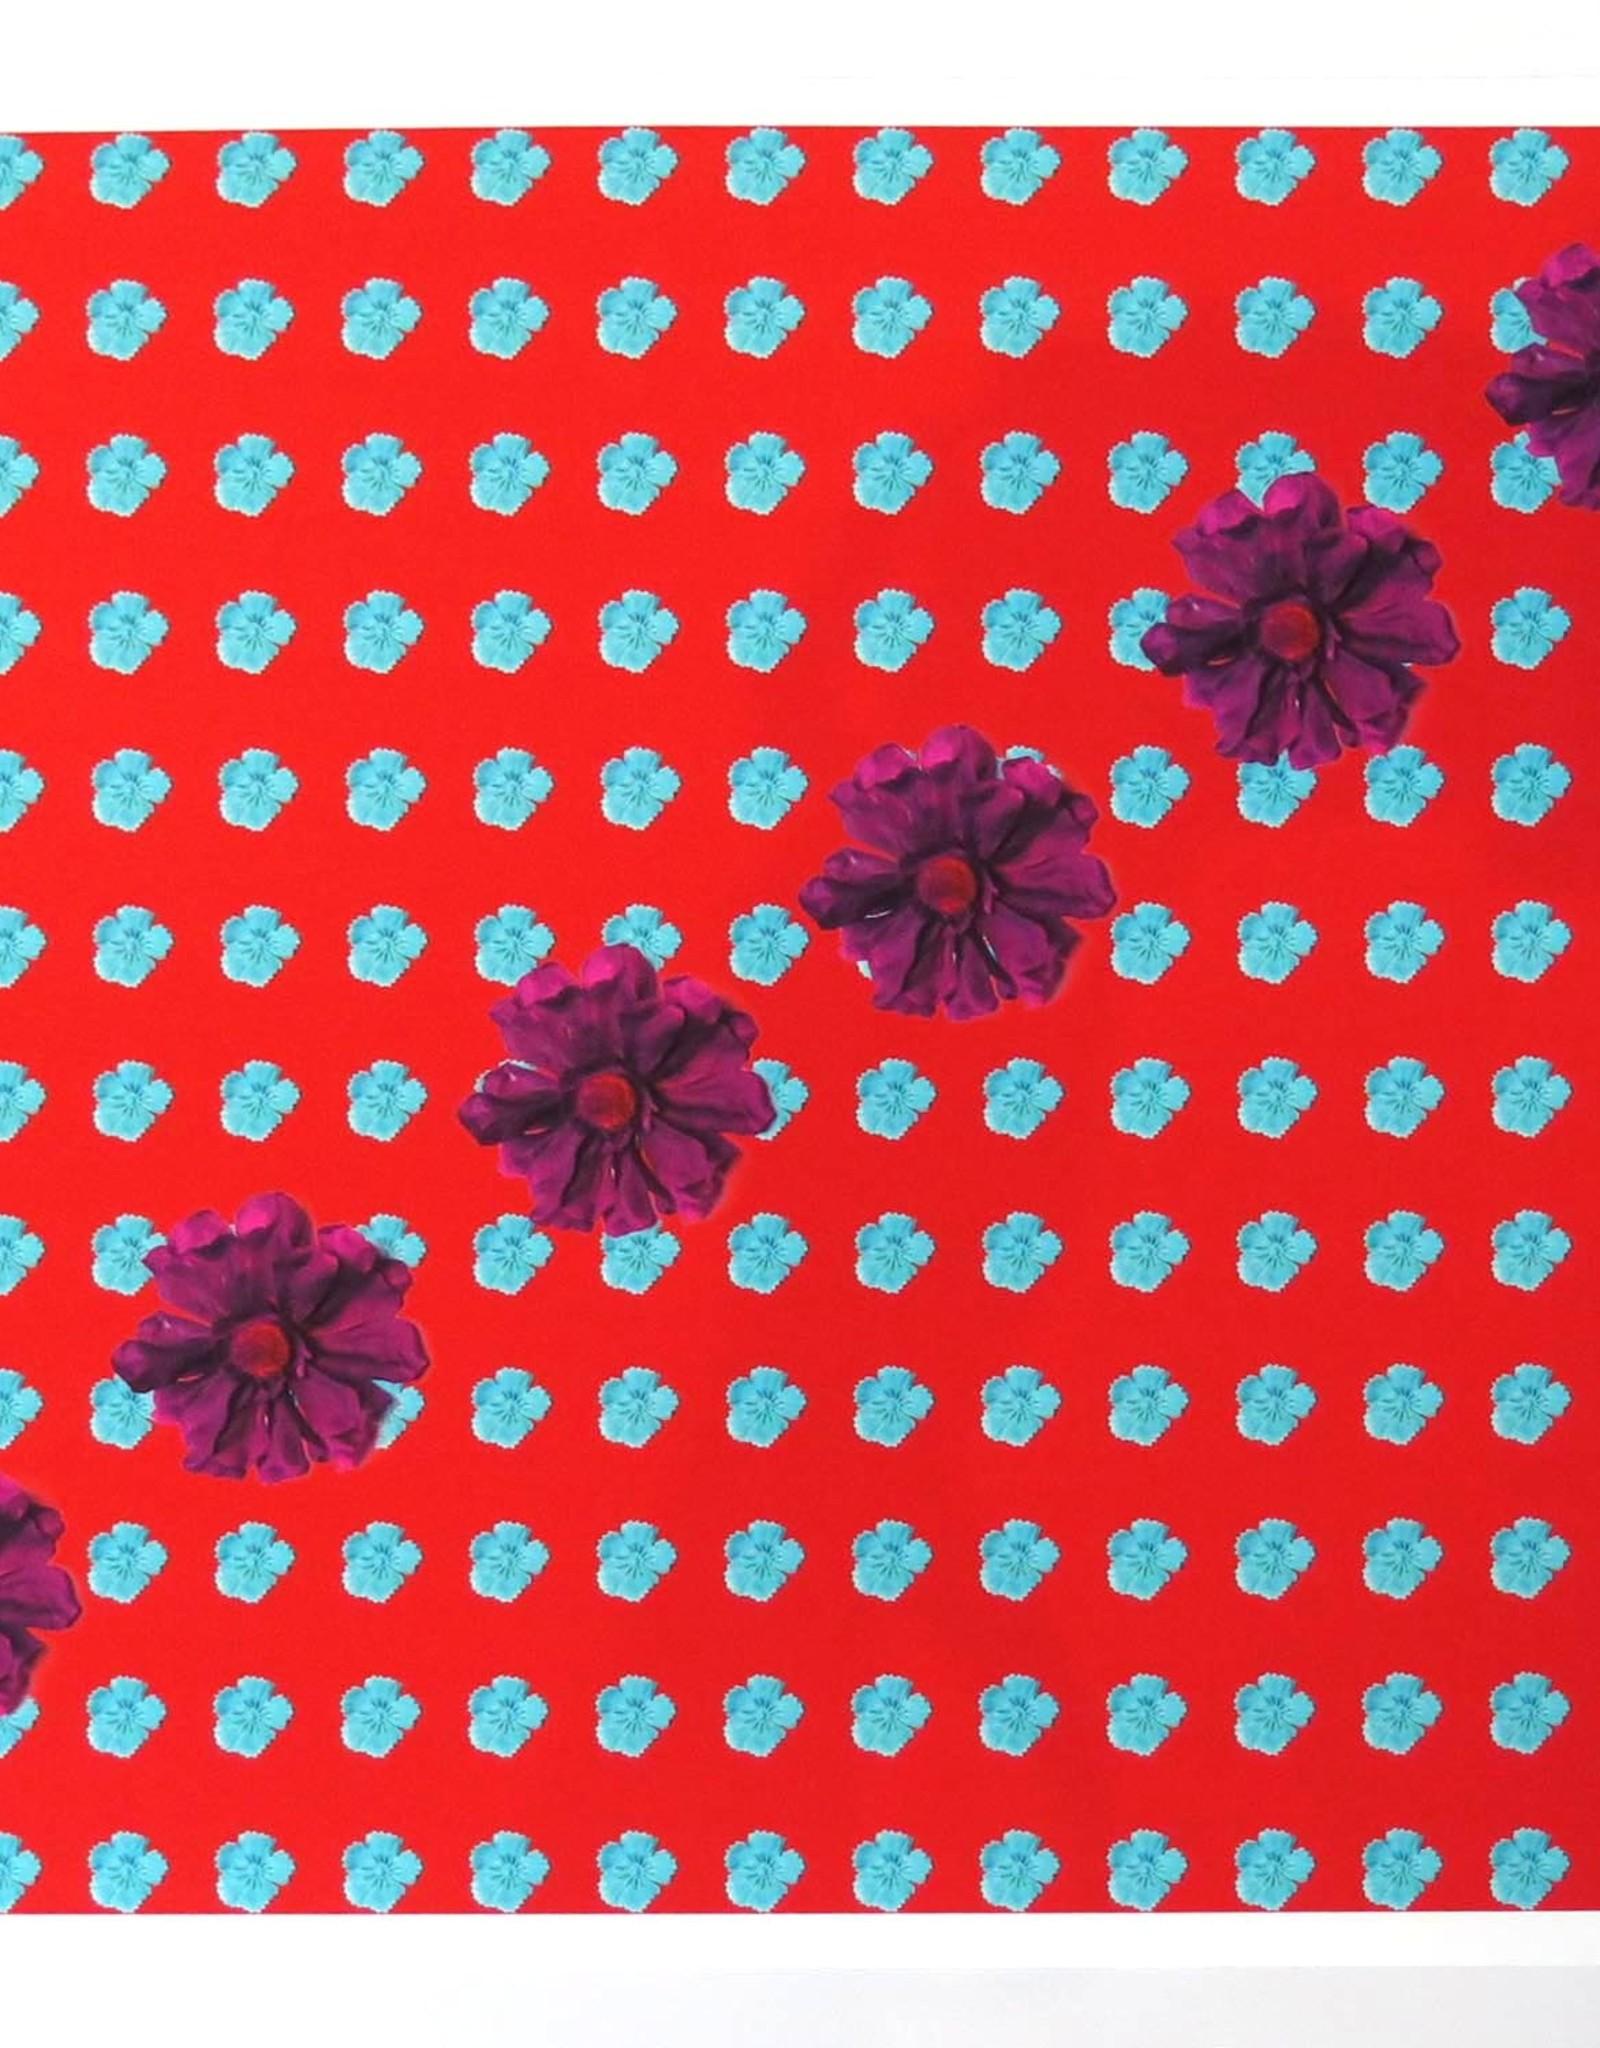 """Ashley Baranczyk """"Boundaries"""" (red, cyan, and magenta) by Ashley Baranczyk"""